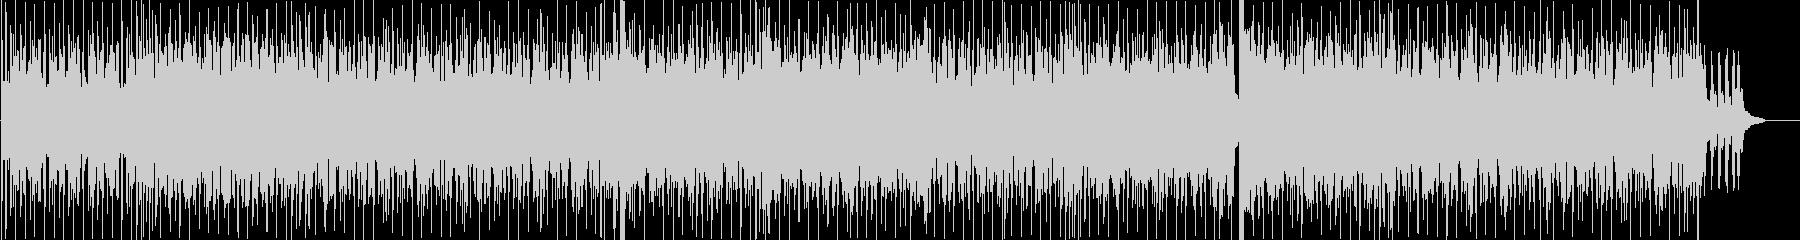 スパイ映画風ストリングスロックの未再生の波形